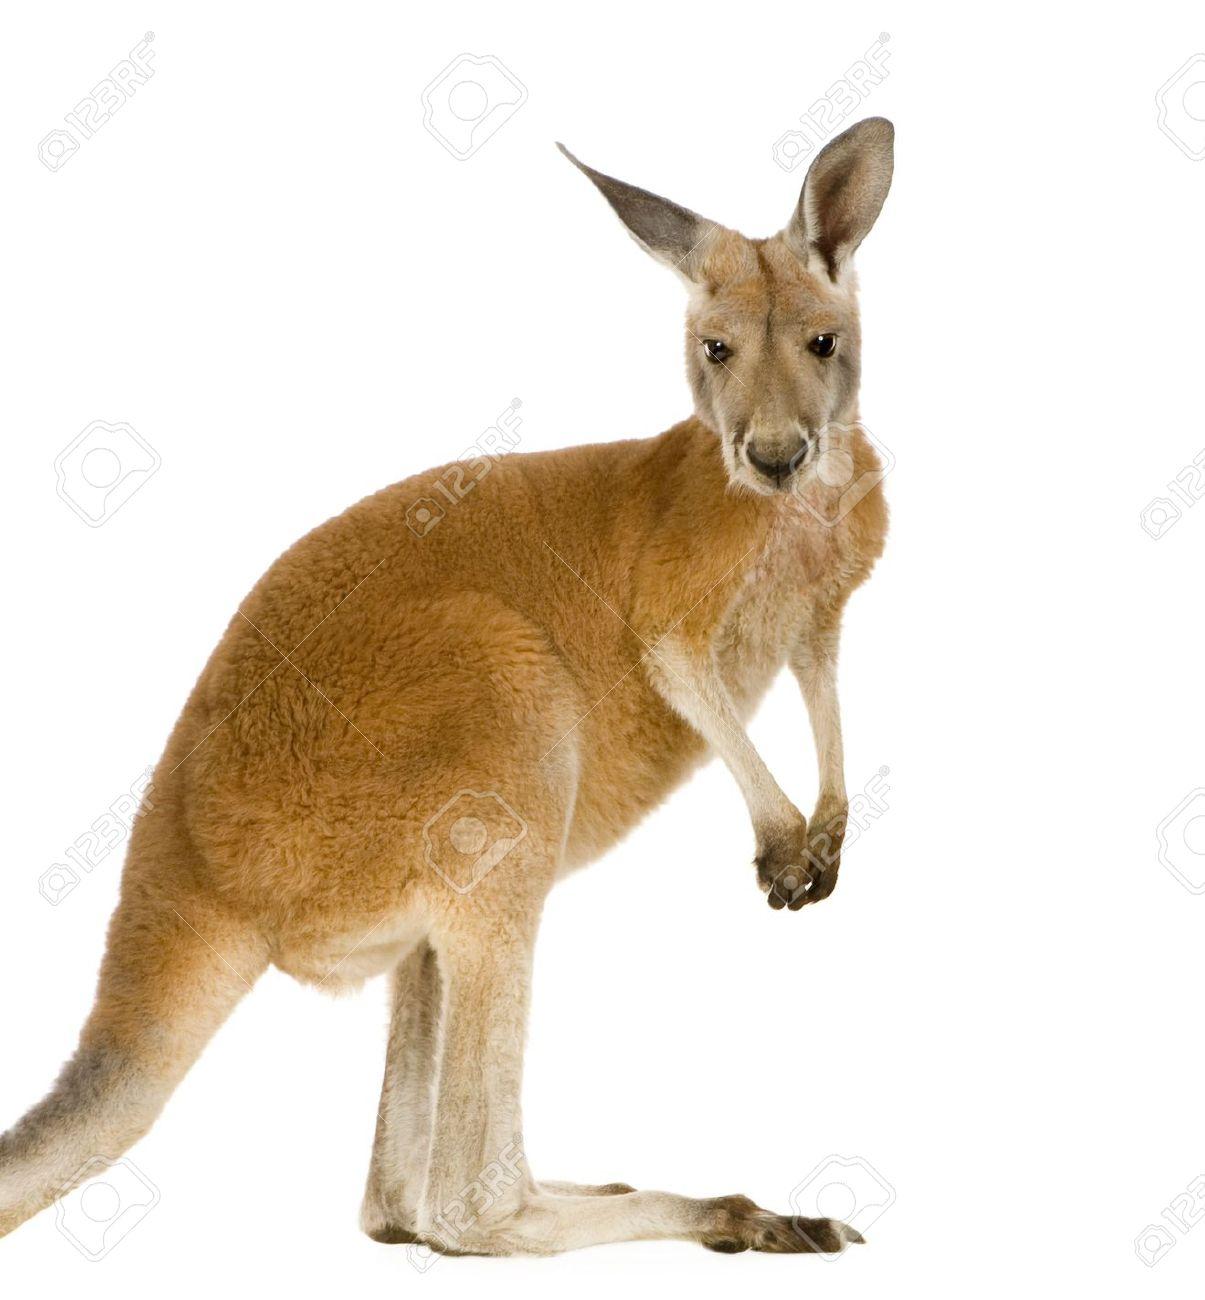 5b00409.png - Kangaroo PNG